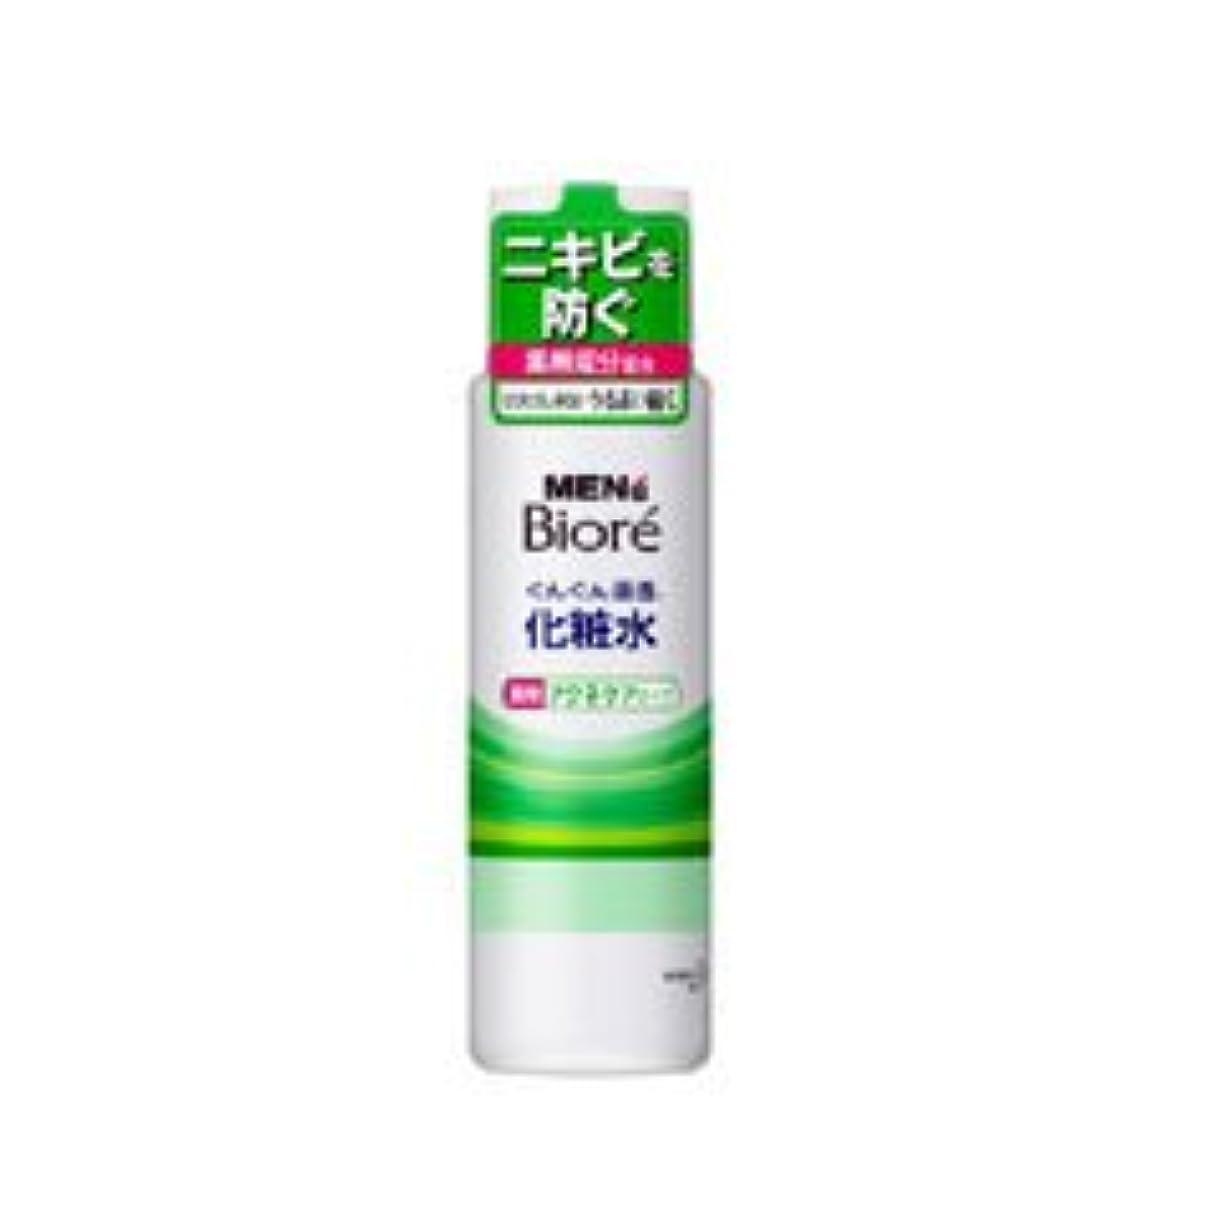 【花王】メンズビオレ 浸透化粧水 薬用アクネケアタイプ 180ml